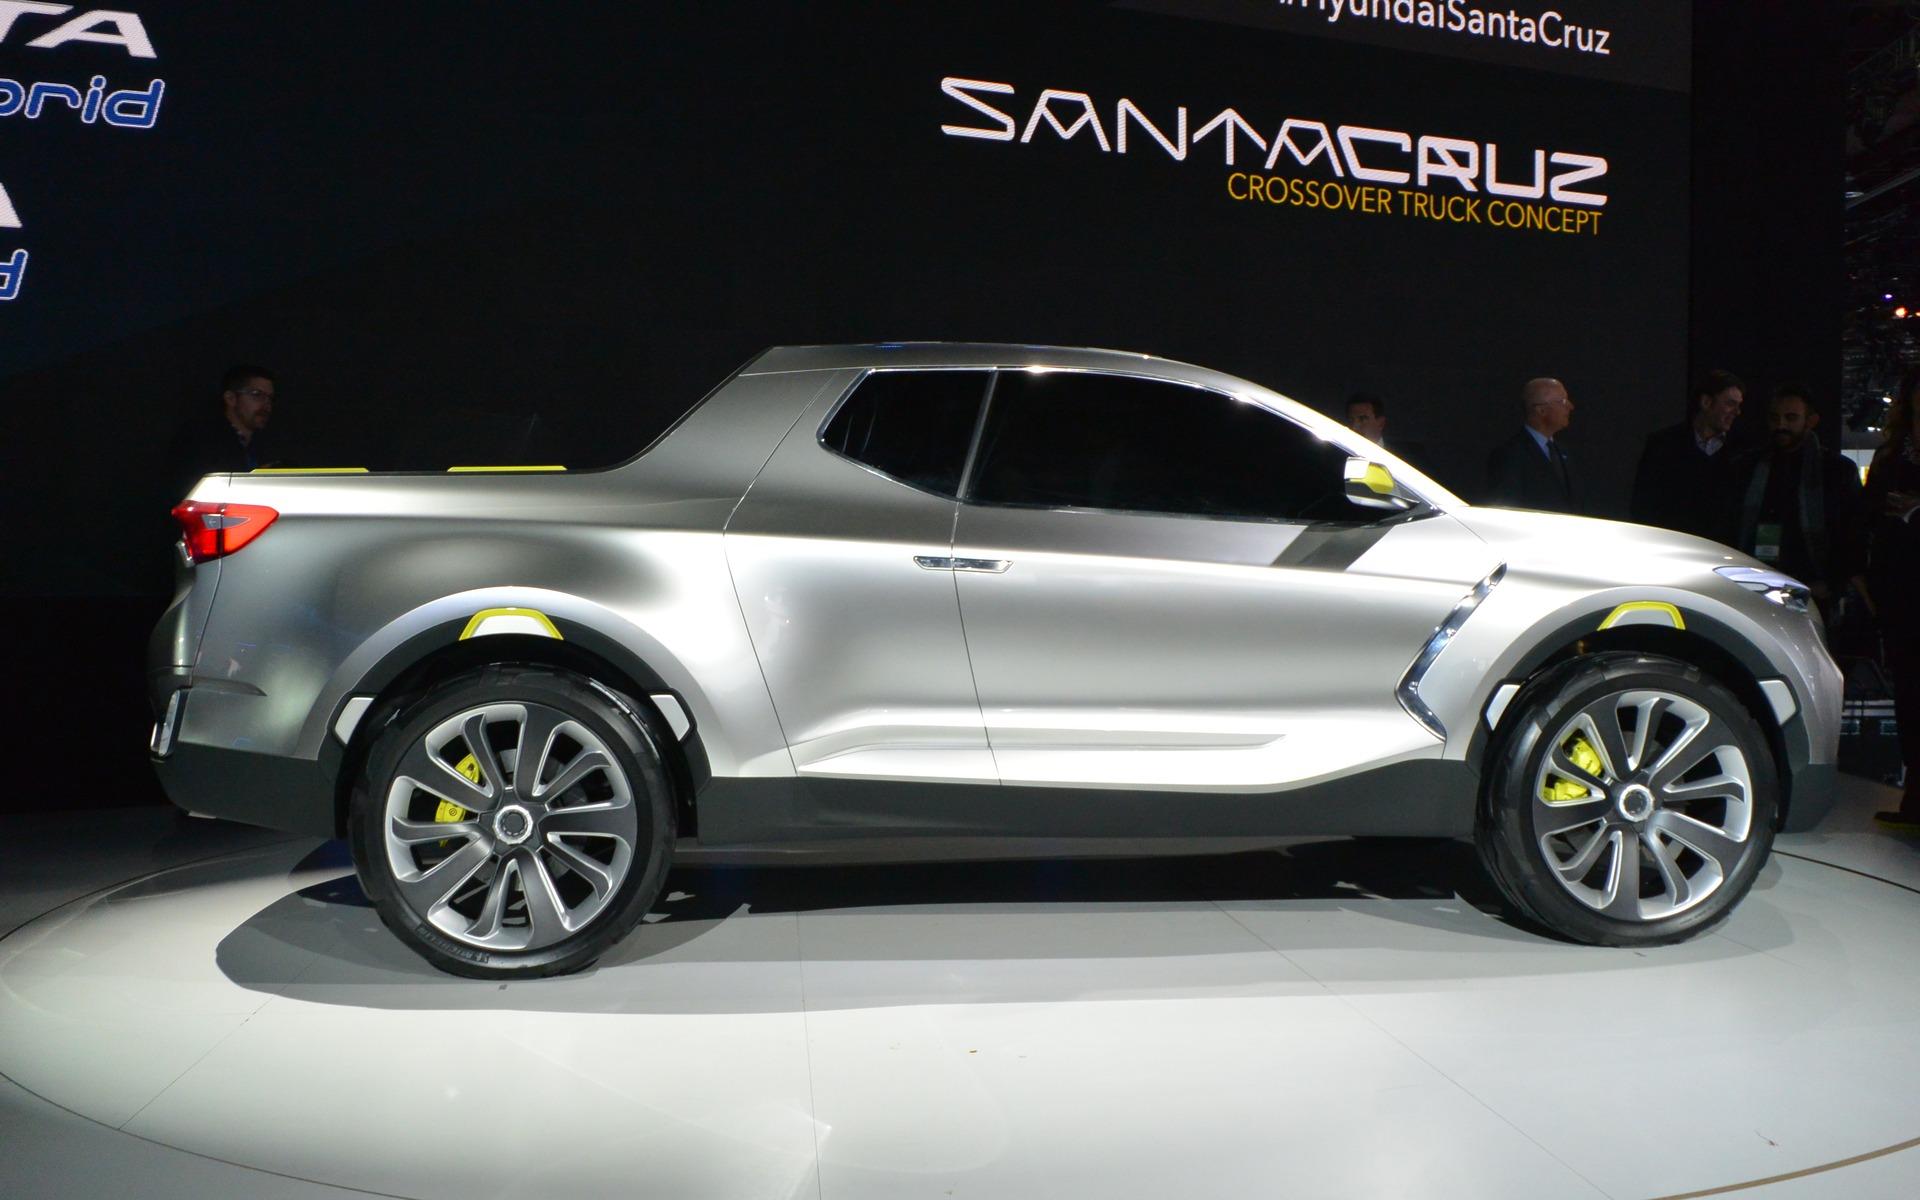 Le Hyundai Santa Cruz devrait être commercialisé en 2017